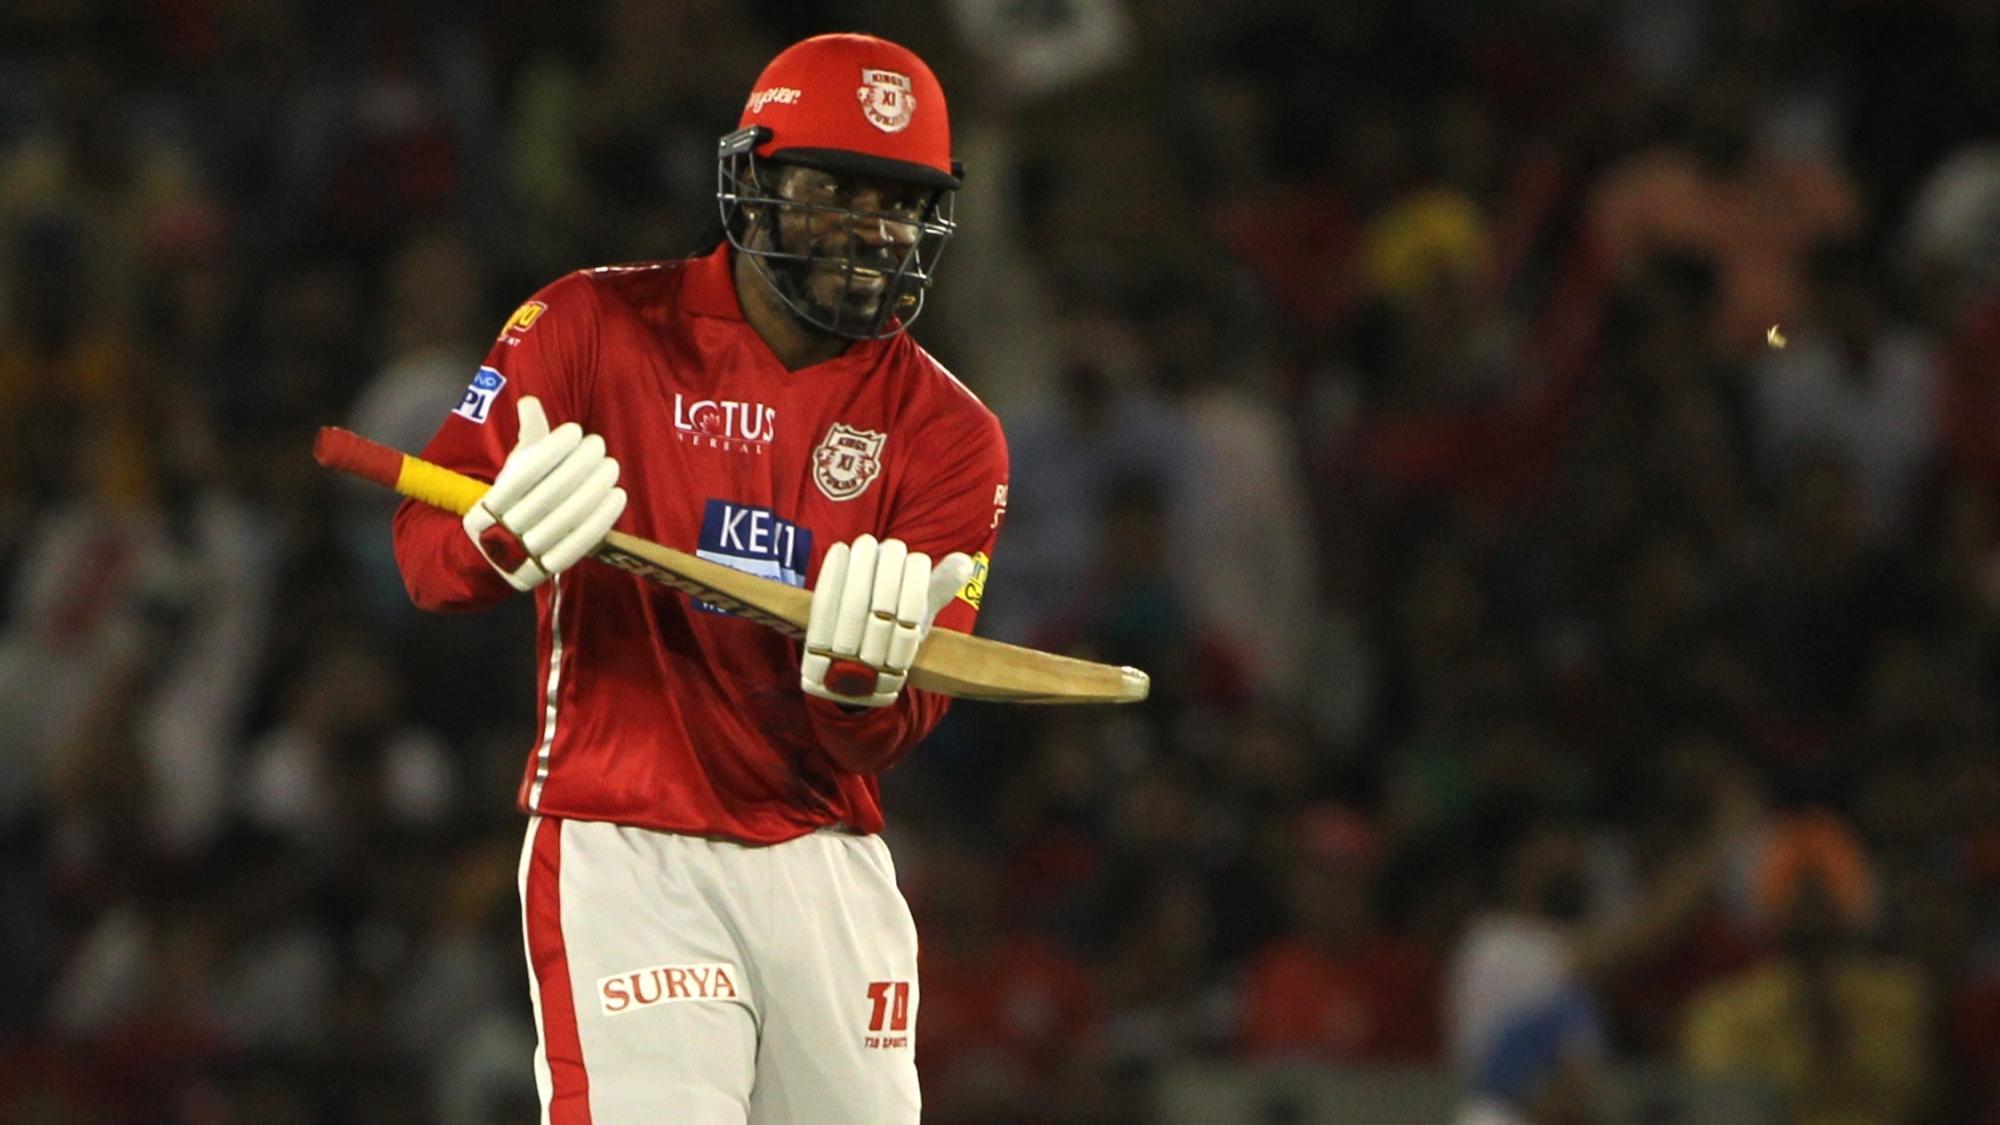 IPL 2018: KXIP v SRH- गेल के तूफानी शतक ने रोका हैदराबाद का विजयी रथ